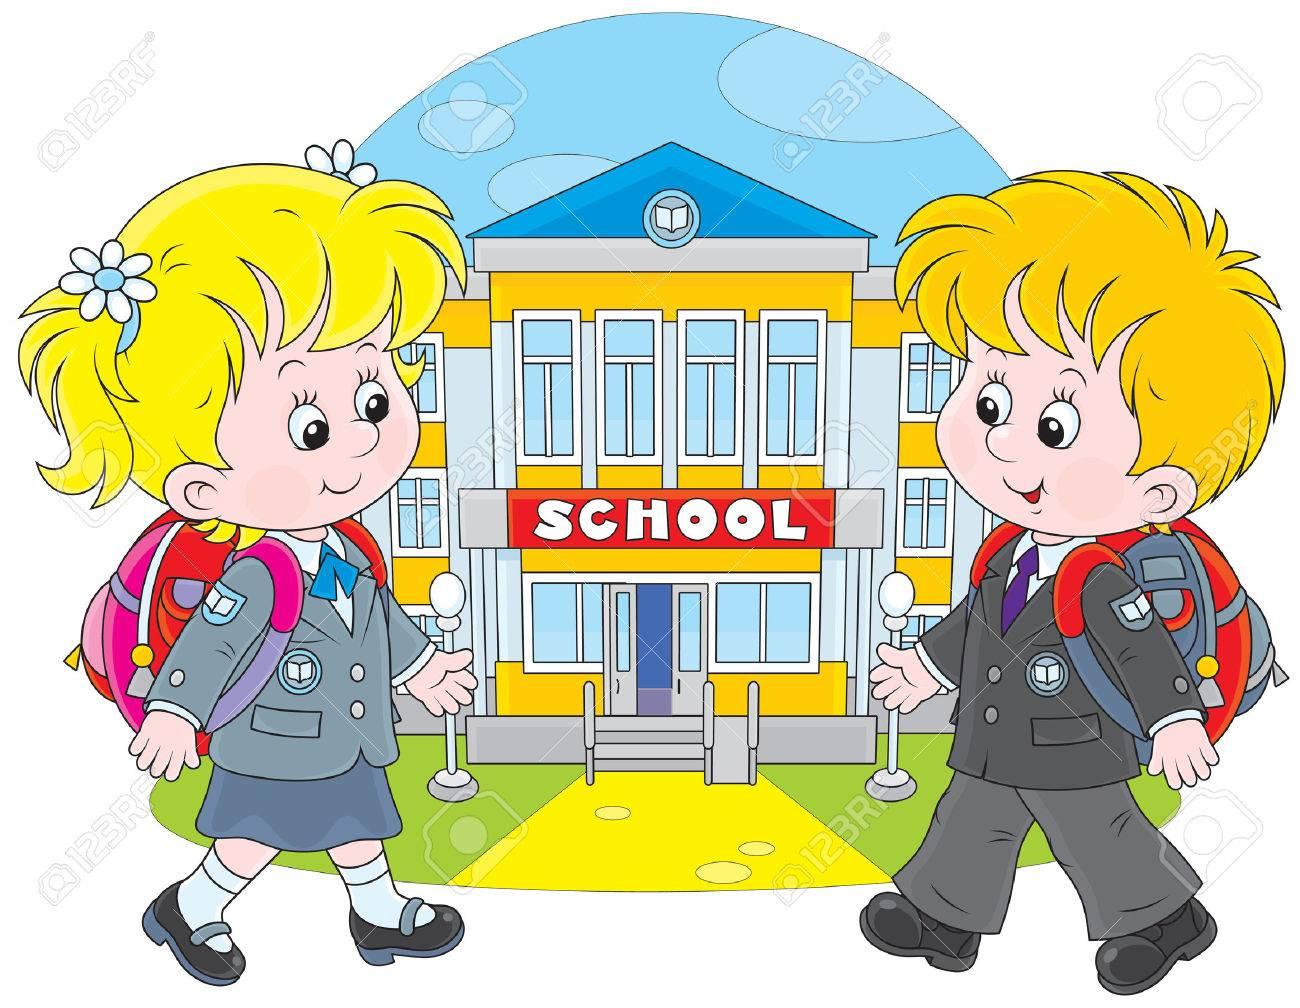 Schoolgirl and schoolboy walking to school.